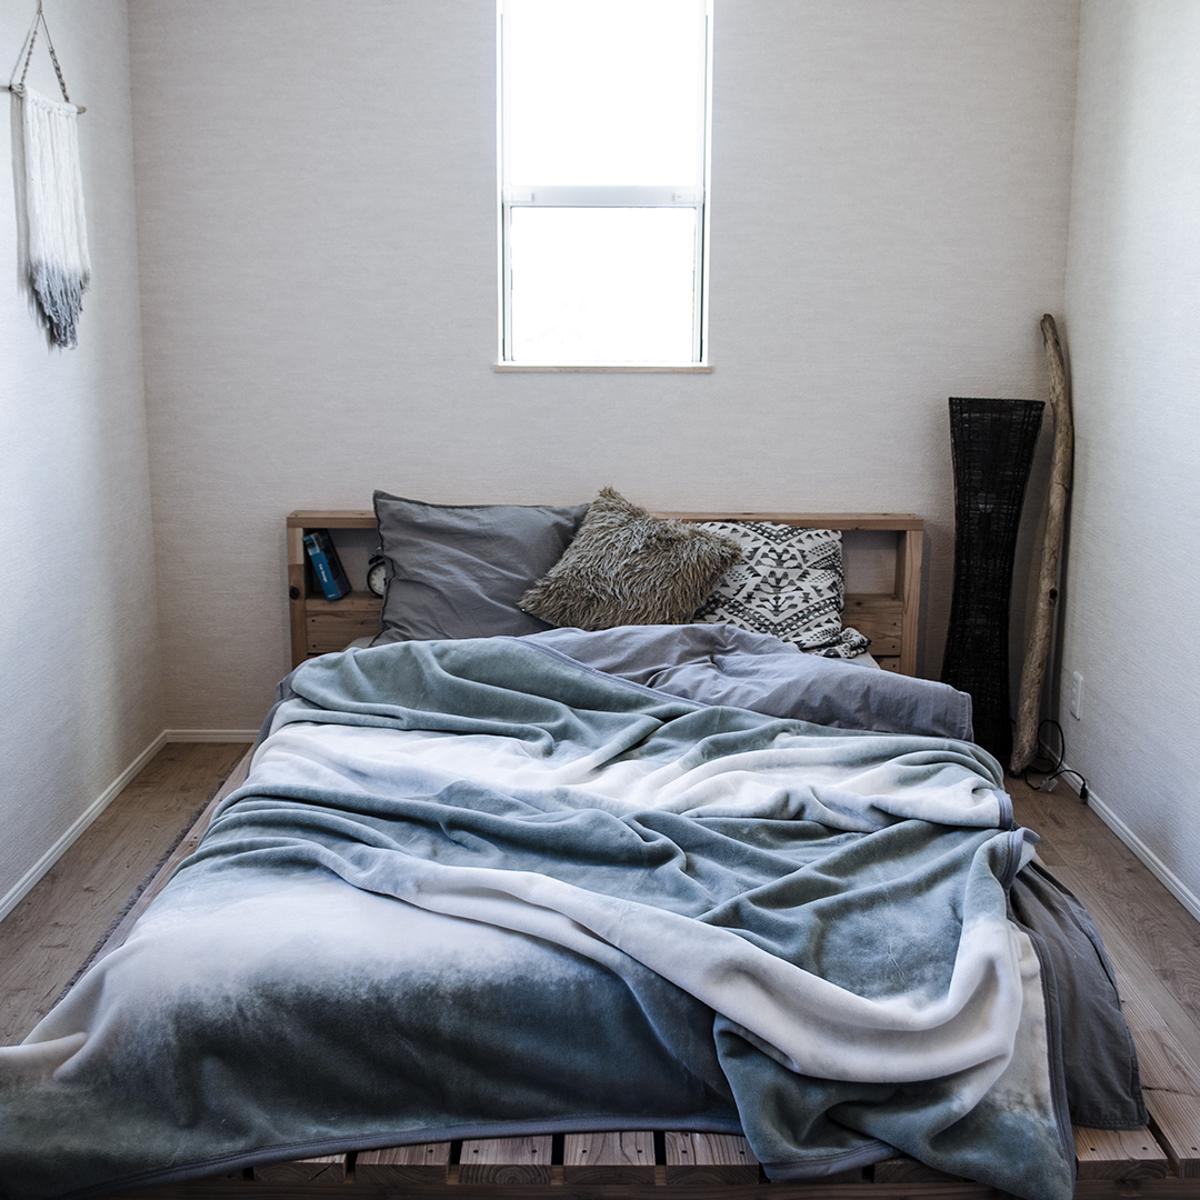 1枚の寝具でかなえる、おしゃれで心地よい寝室